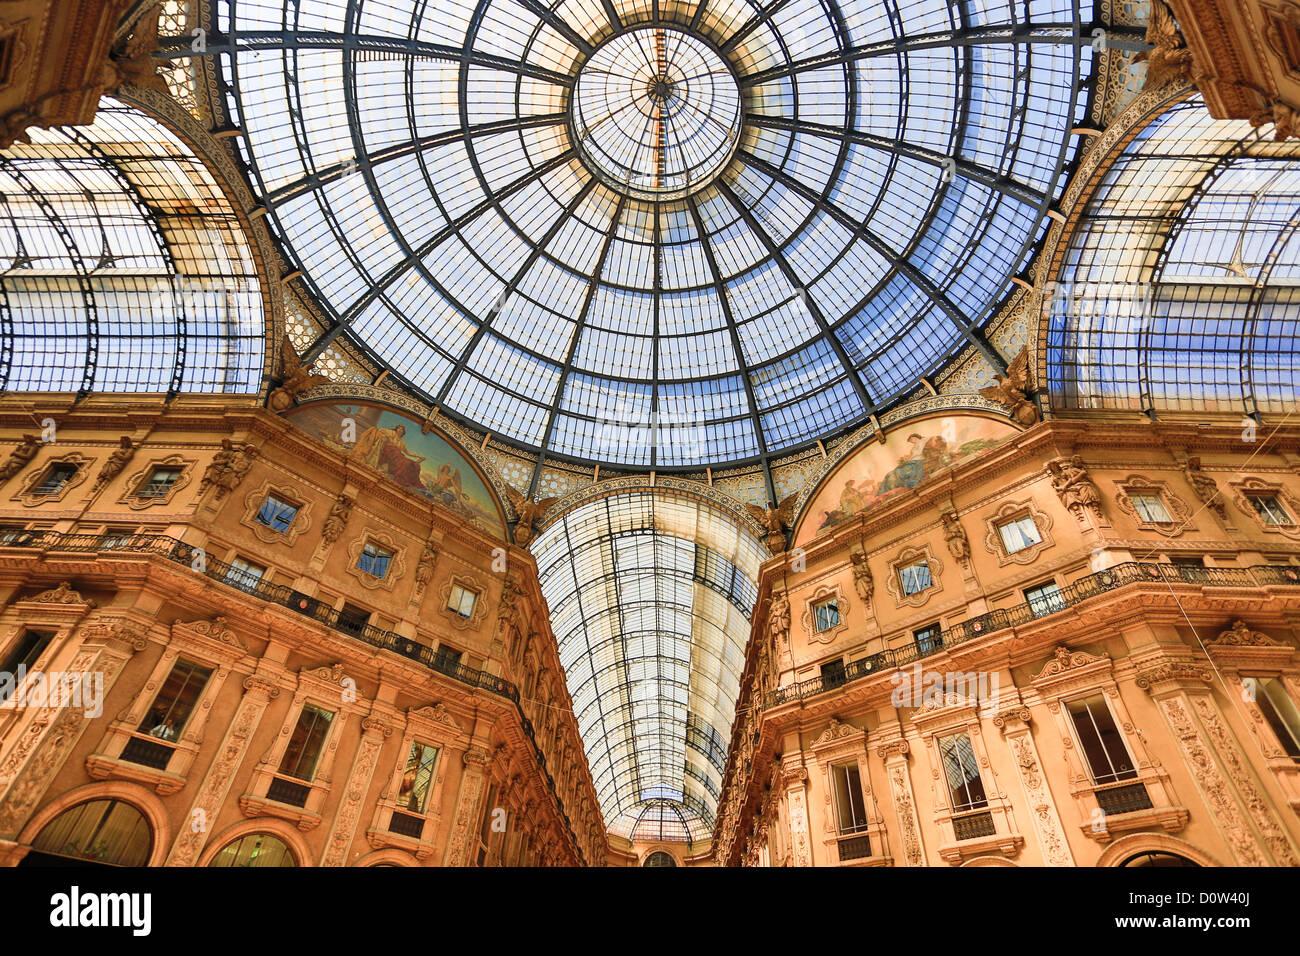 Italia Europa viaggi Milano Milano città Vittorio Emanuele Galleria di architettura colonne centro downtown Immagini Stock